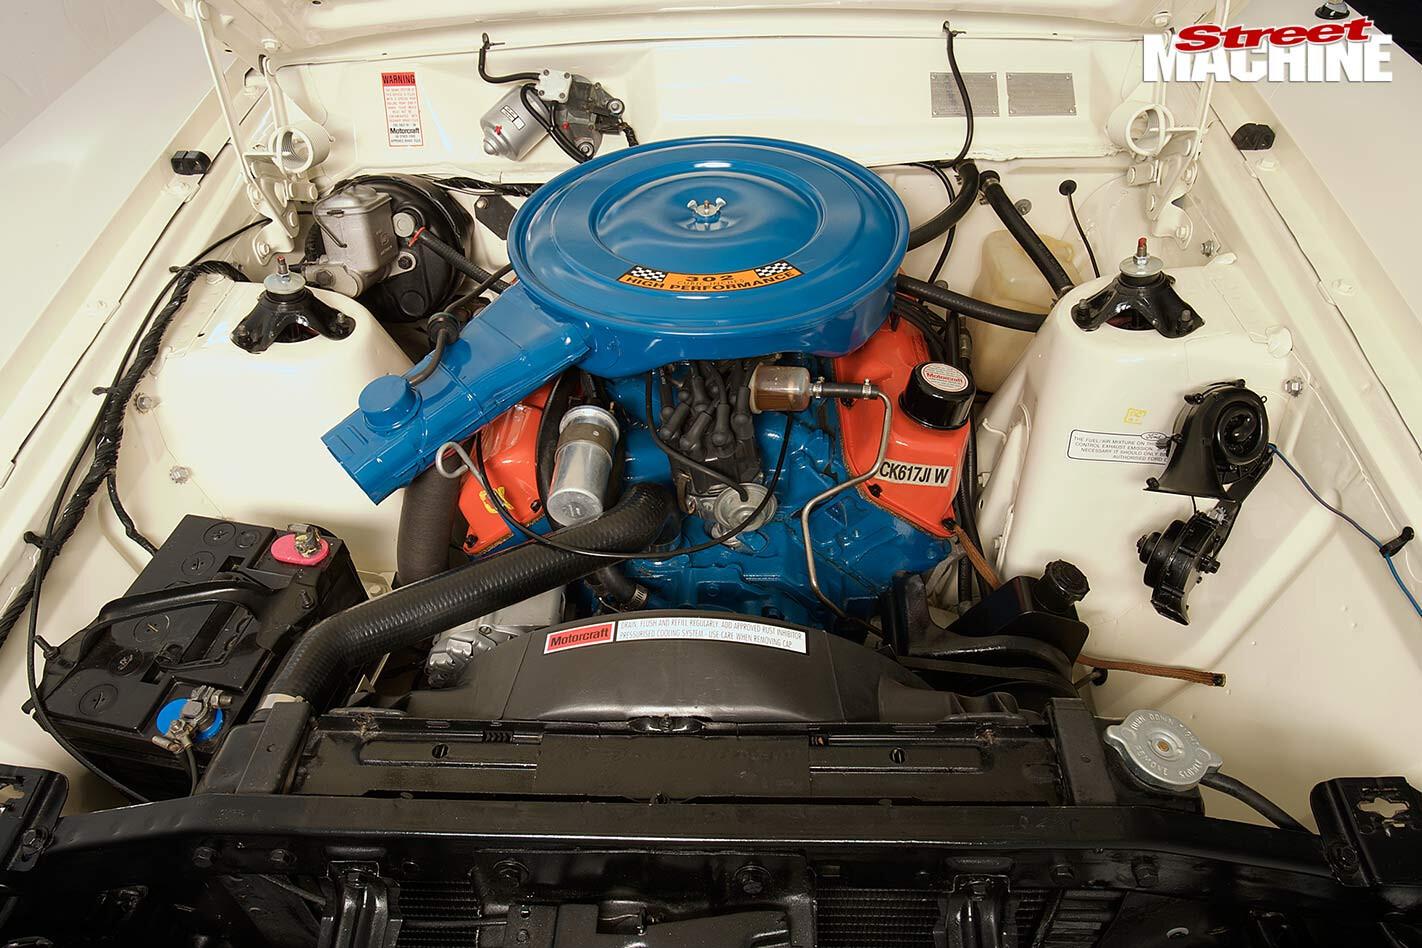 Ford Falcon XB wagon engine bay